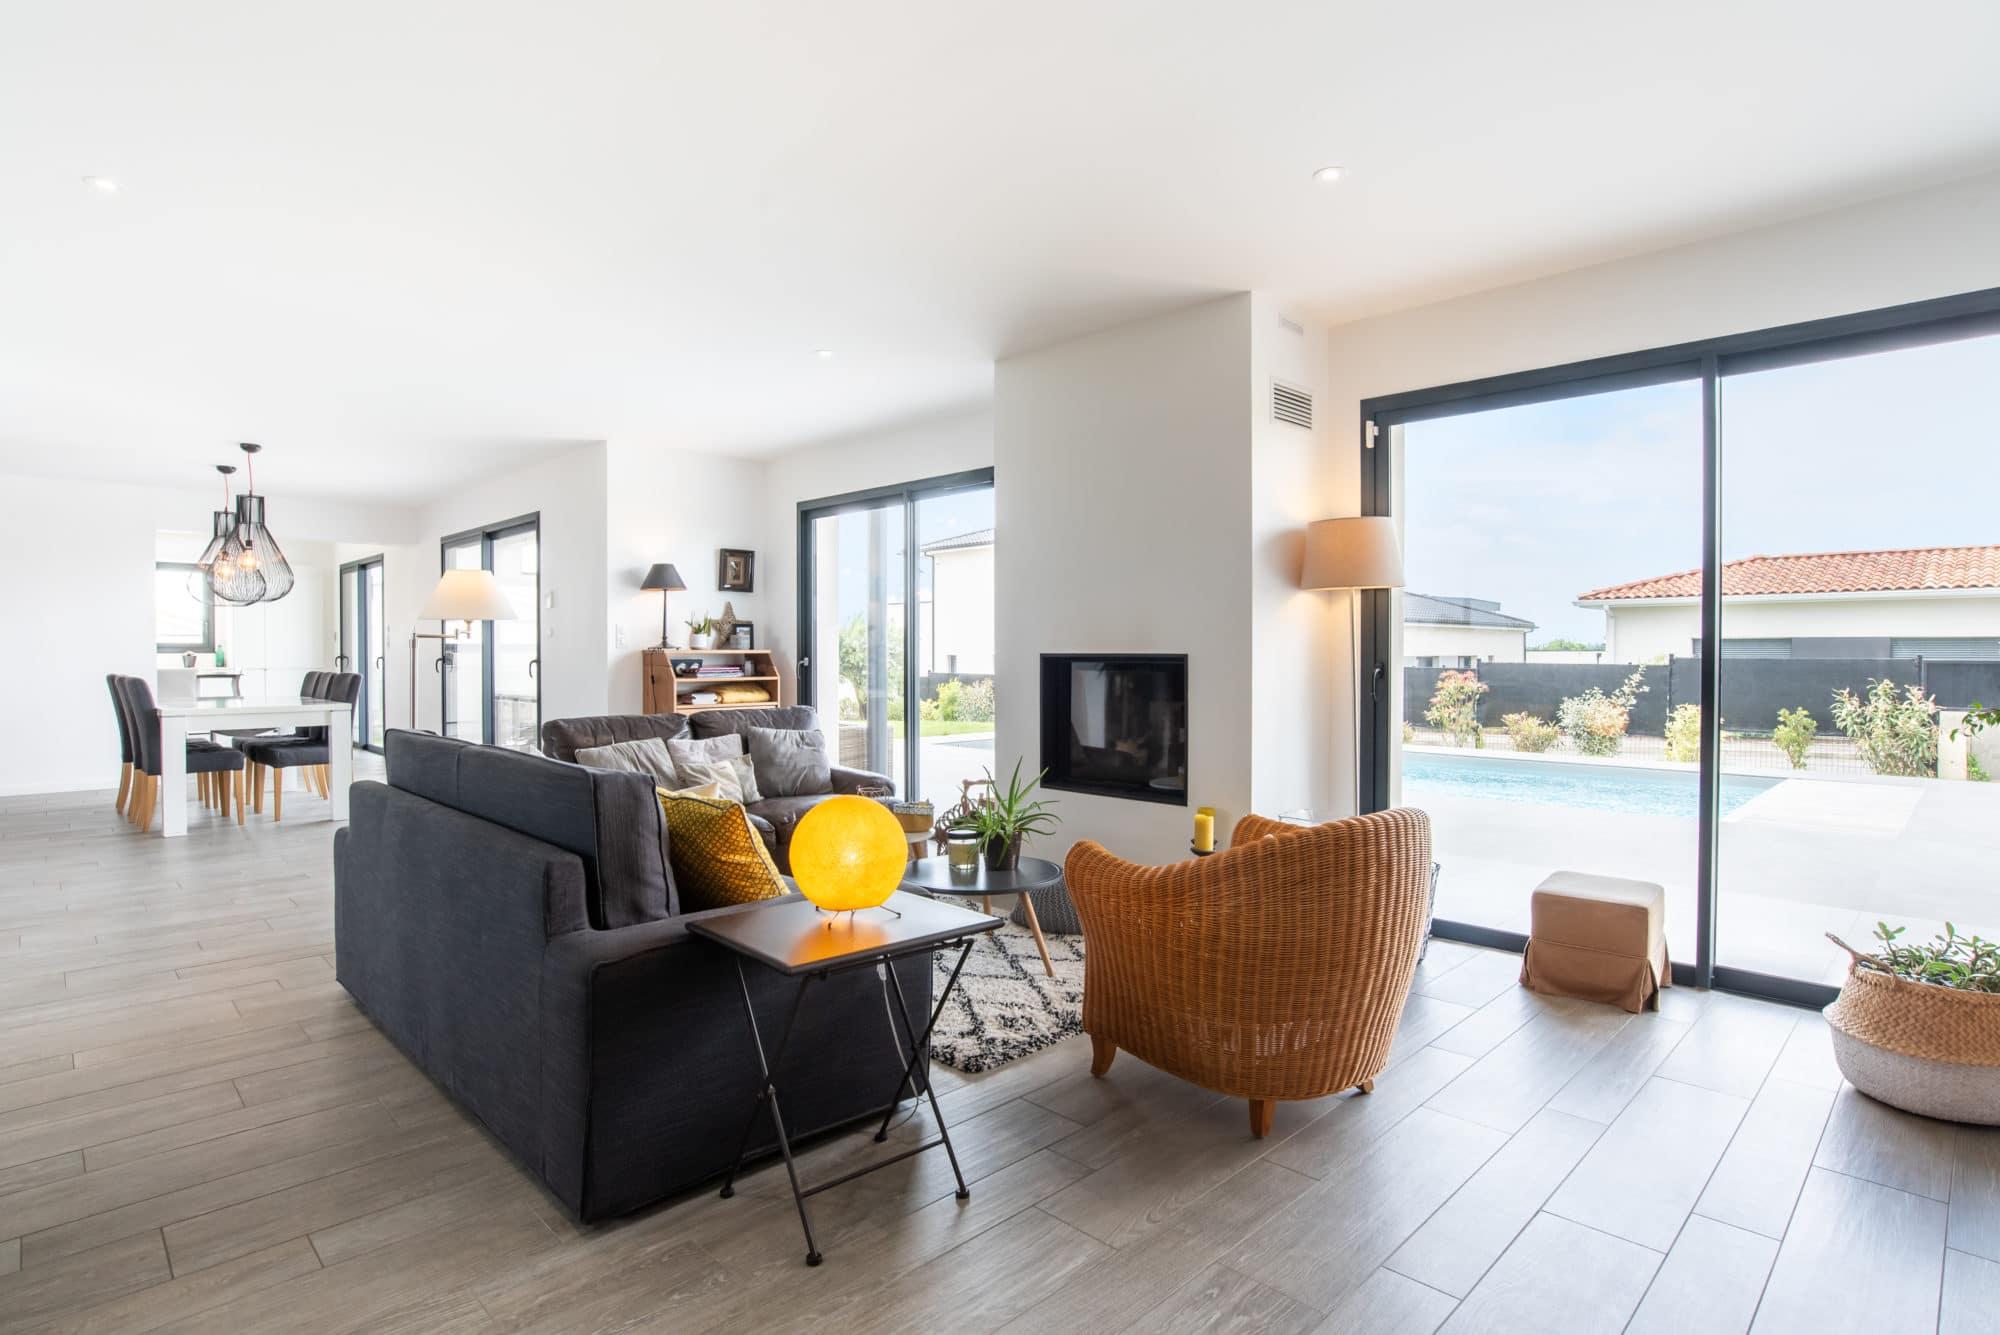 La Maison Du Carrelage Et Sanitaire Balma villa architecte toulouse - lmcs la maison du carrelage